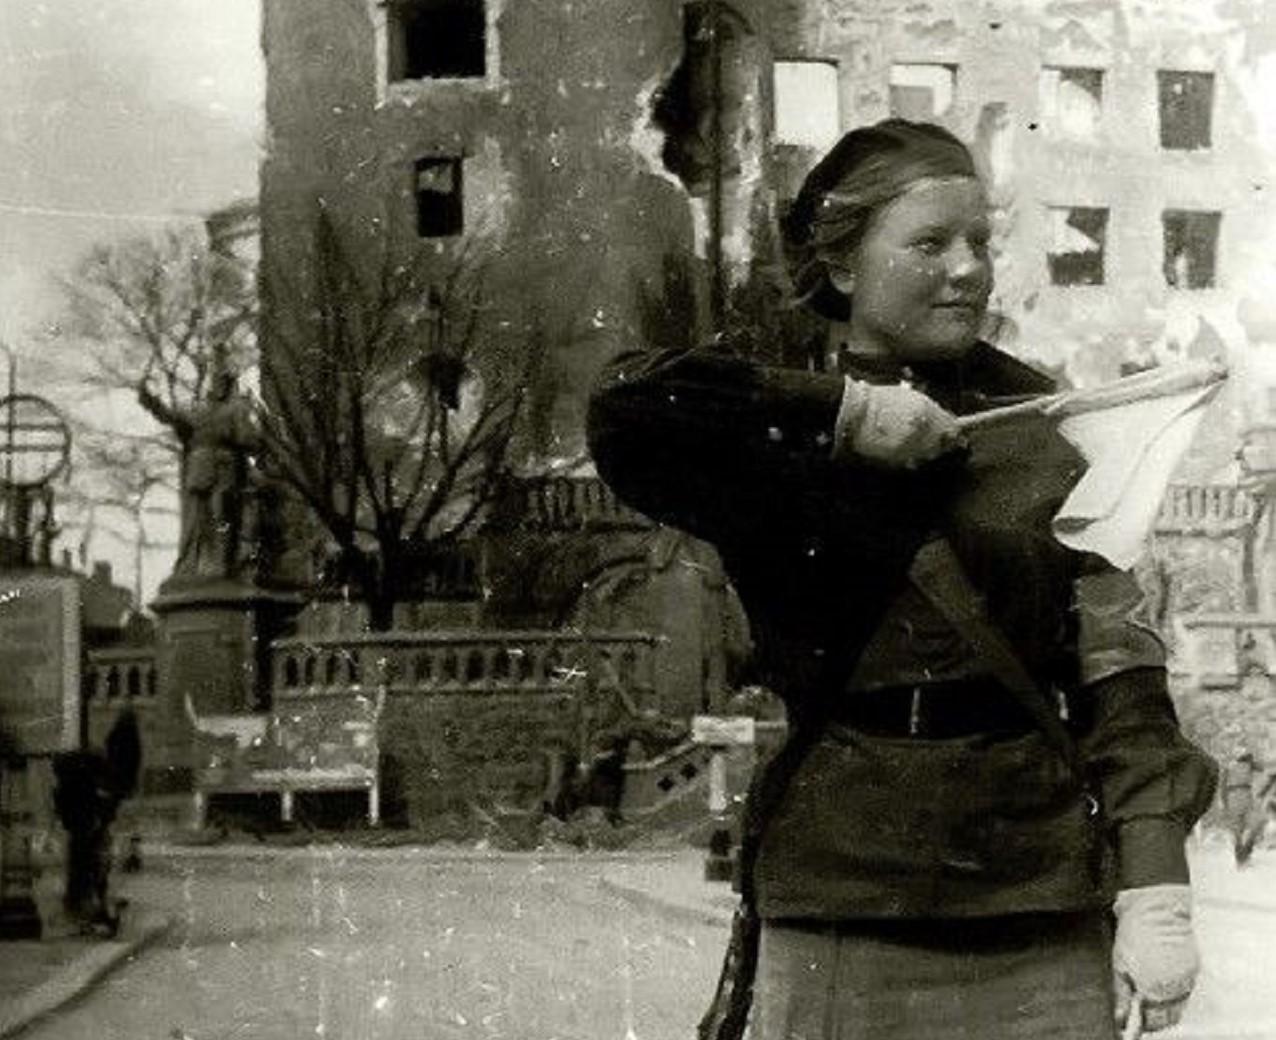 nella foto in bianco e nero si vede, in primo piano sulla destra, una donna, che è un'ausiliaria dell'Armata Rossa, con in mano una specie di bandiera.